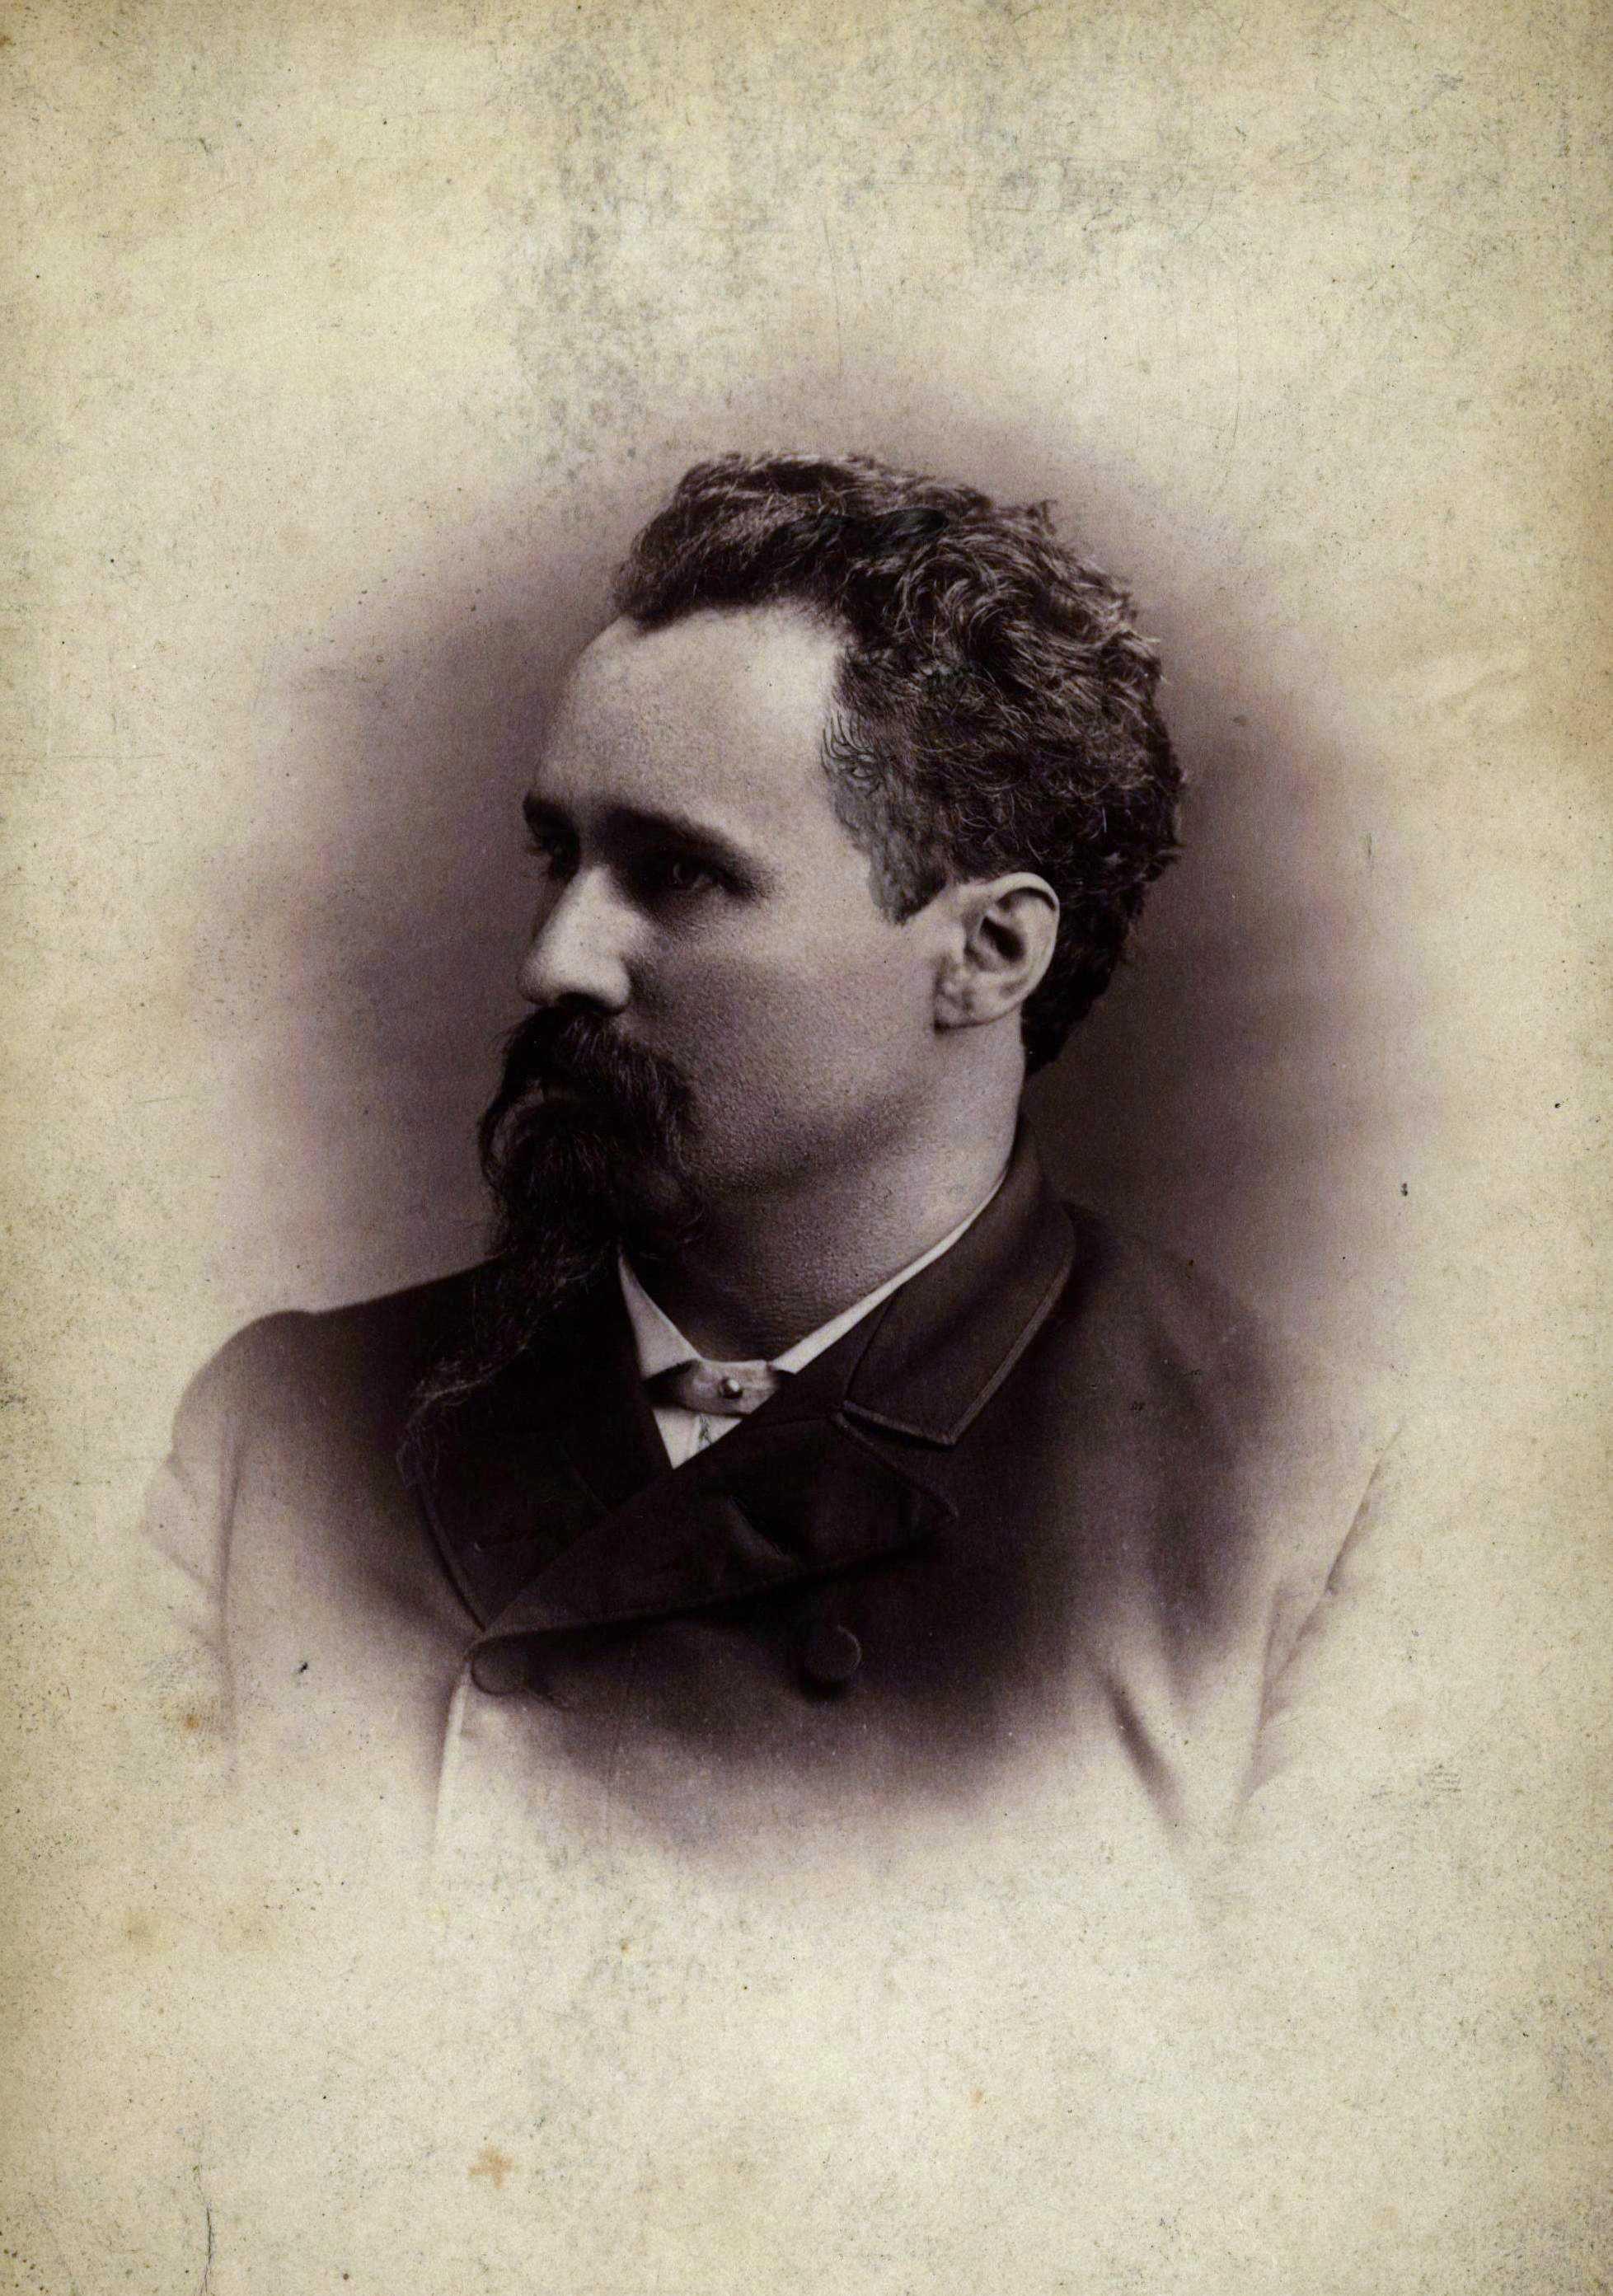 Oscar Neebe fotografiat per Jestram en 1887